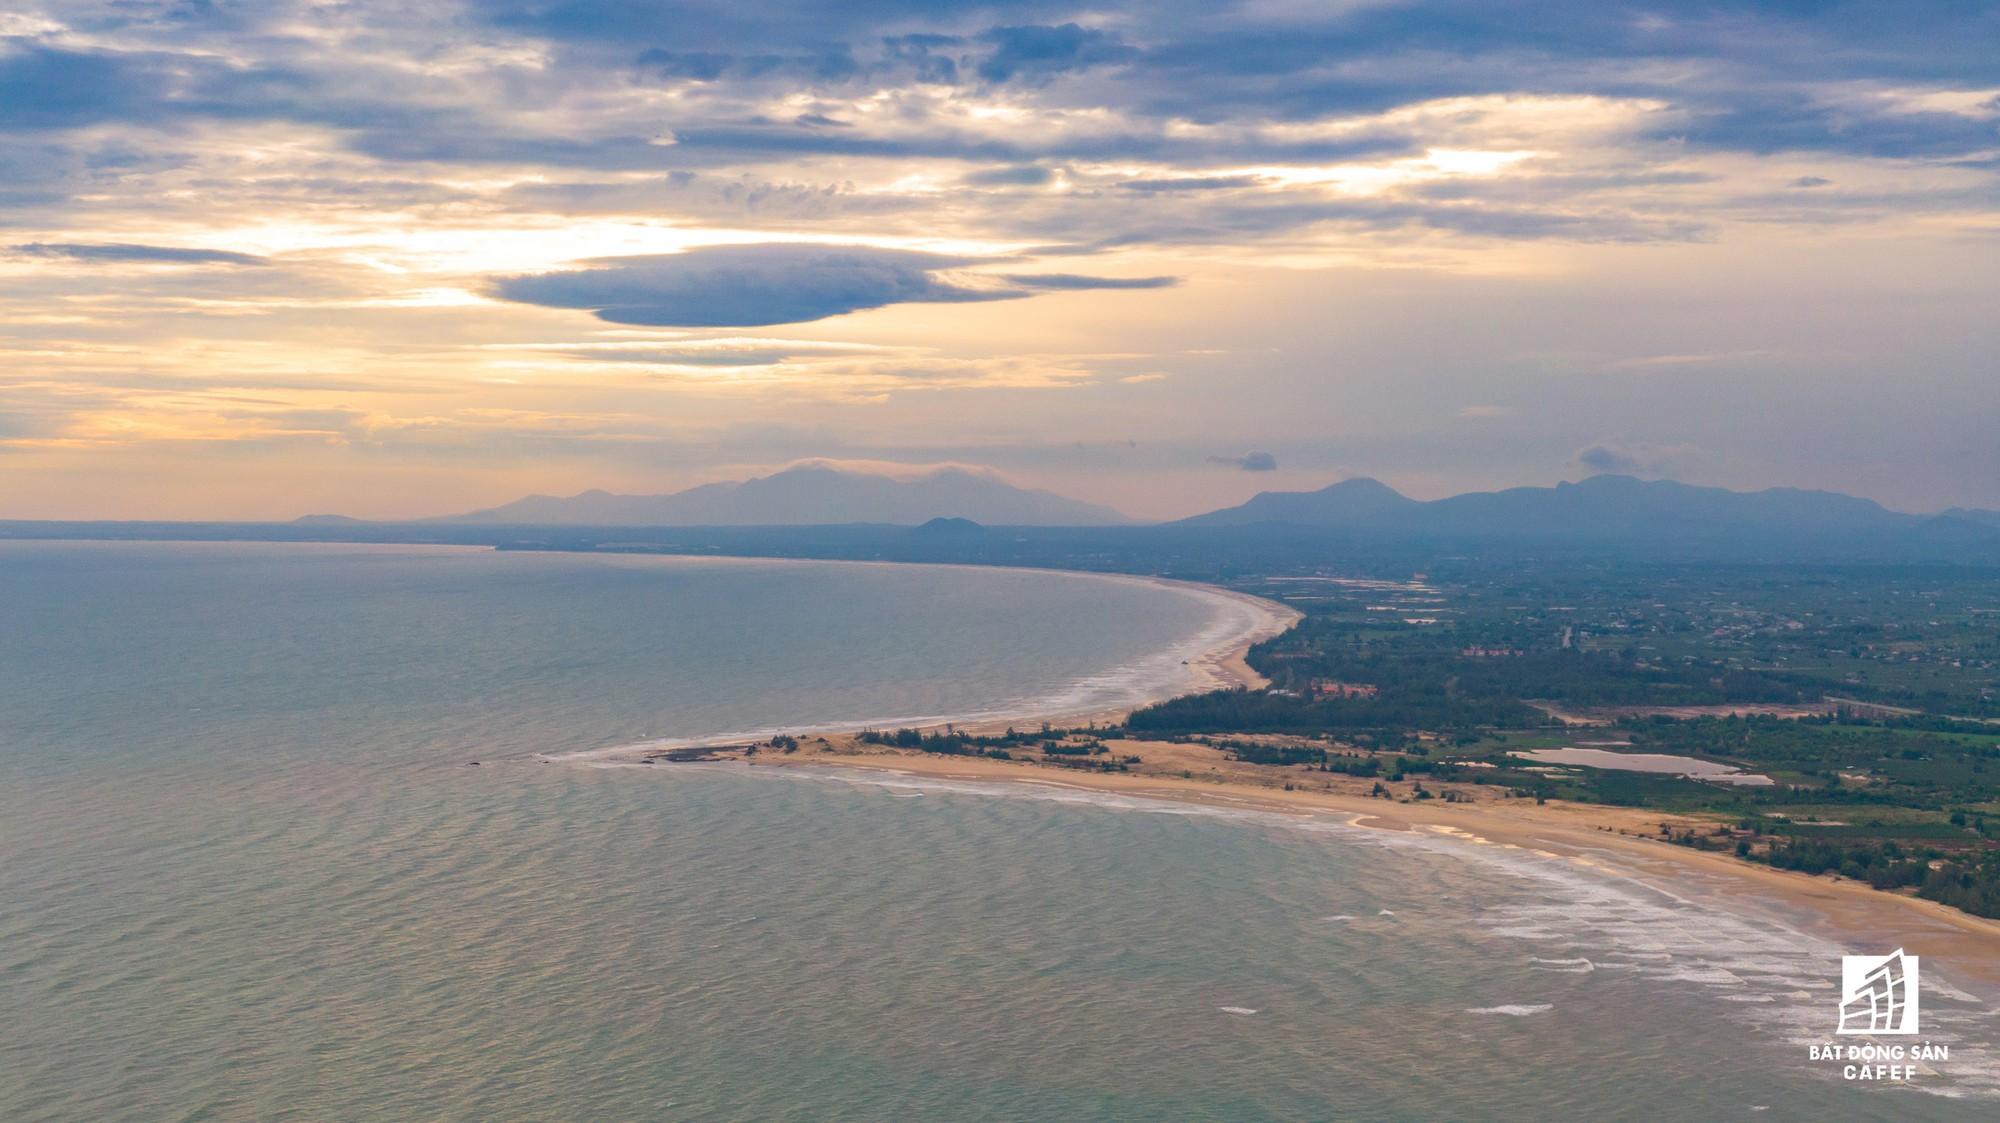 Quy hoạch thành khu du lịch quốc gia, dải ven biển này đang đón dòng vốn hàng tỷ USD, giá đất tăng chóng mặt - Ảnh 20.